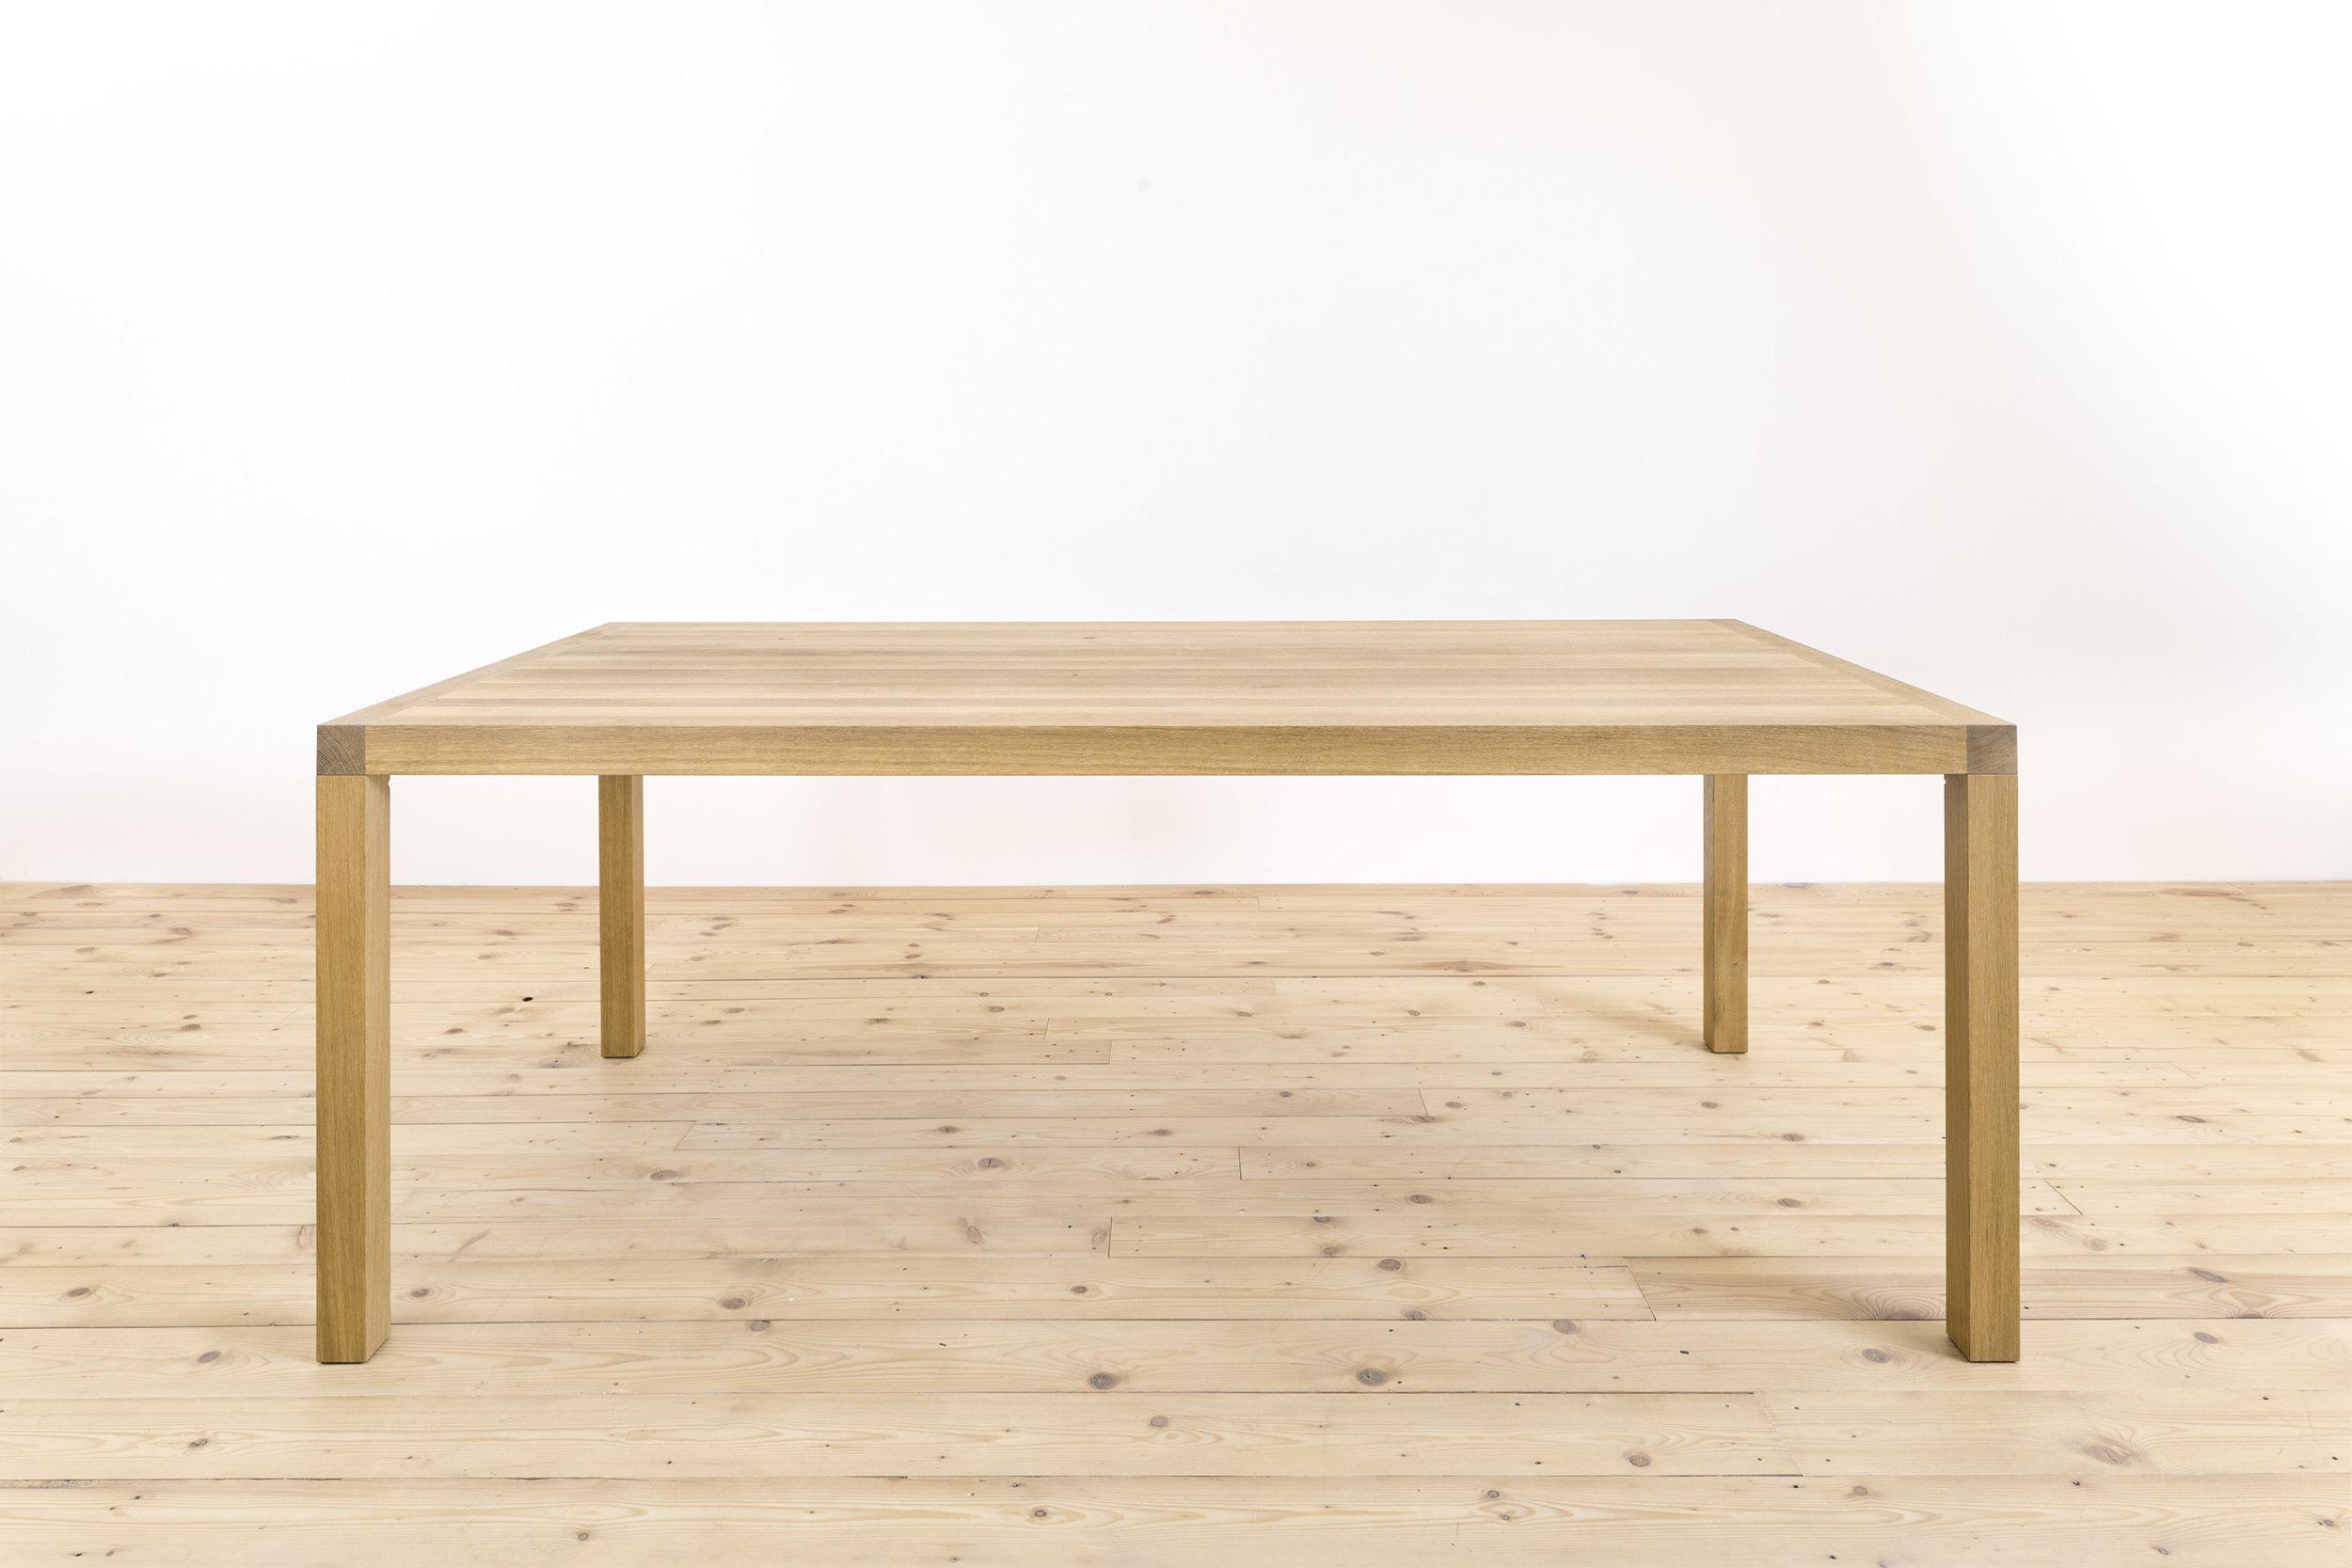 Johannes-Steinbauer-Mono-Werktag-02